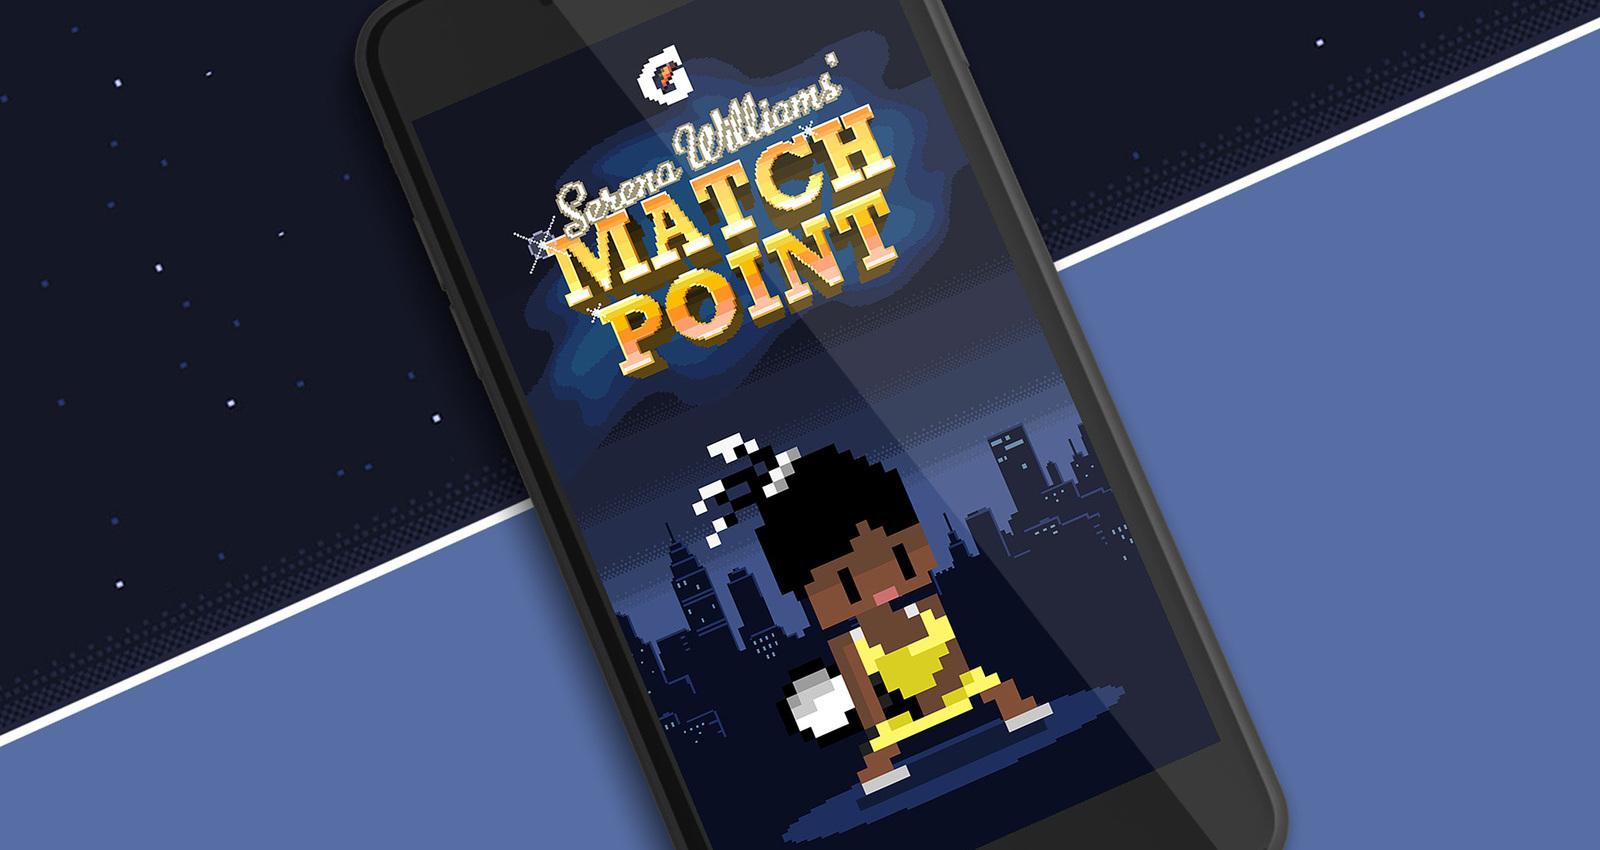 Serena Williams' Match Point | Gatorade